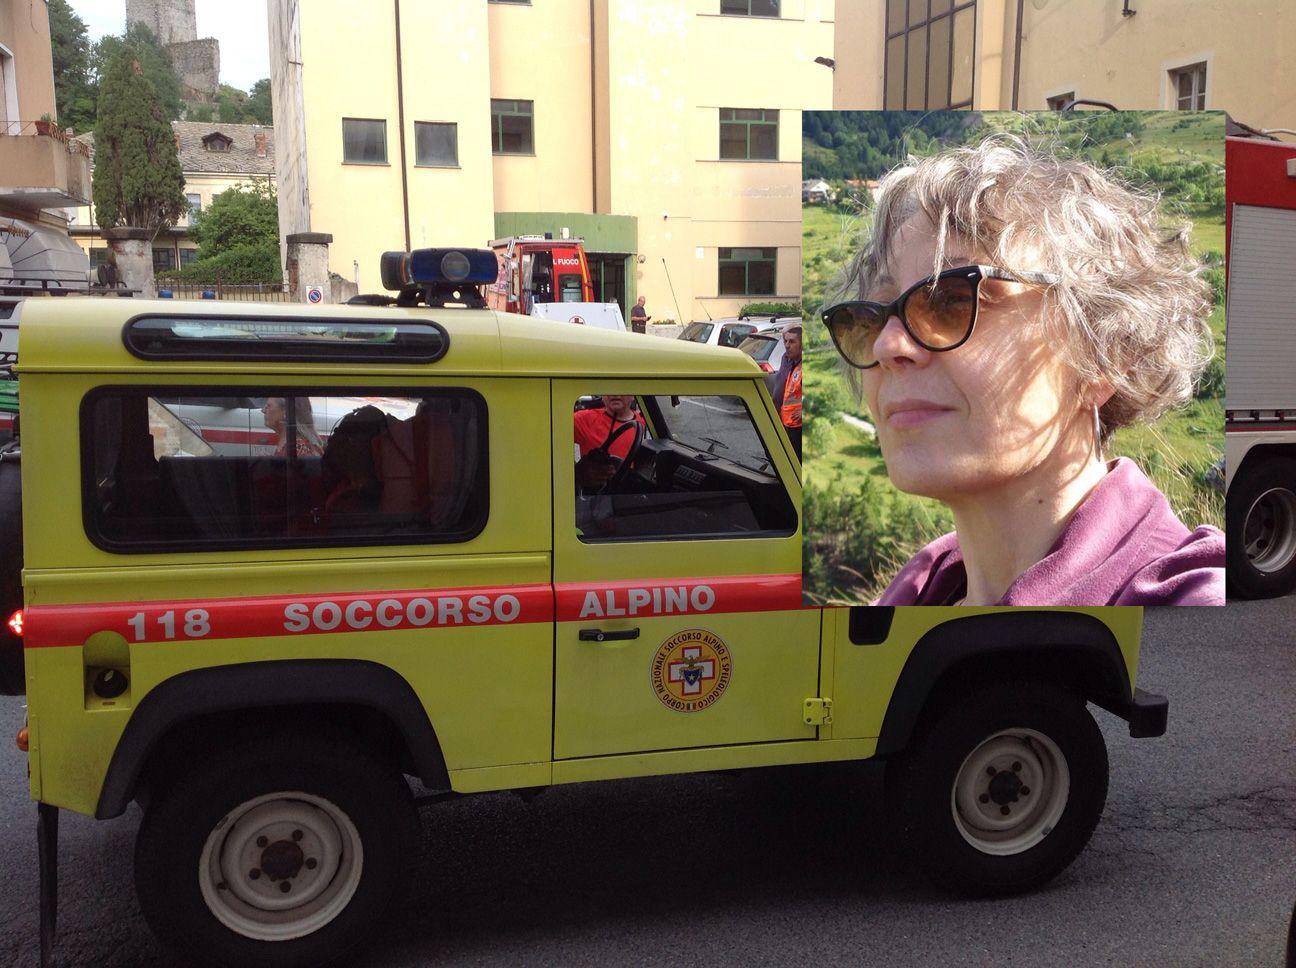 PONT CANAVESE - Ancora nessuna traccia di Elisa Gualandi, la donna scomparsa mercoledì - FOTO